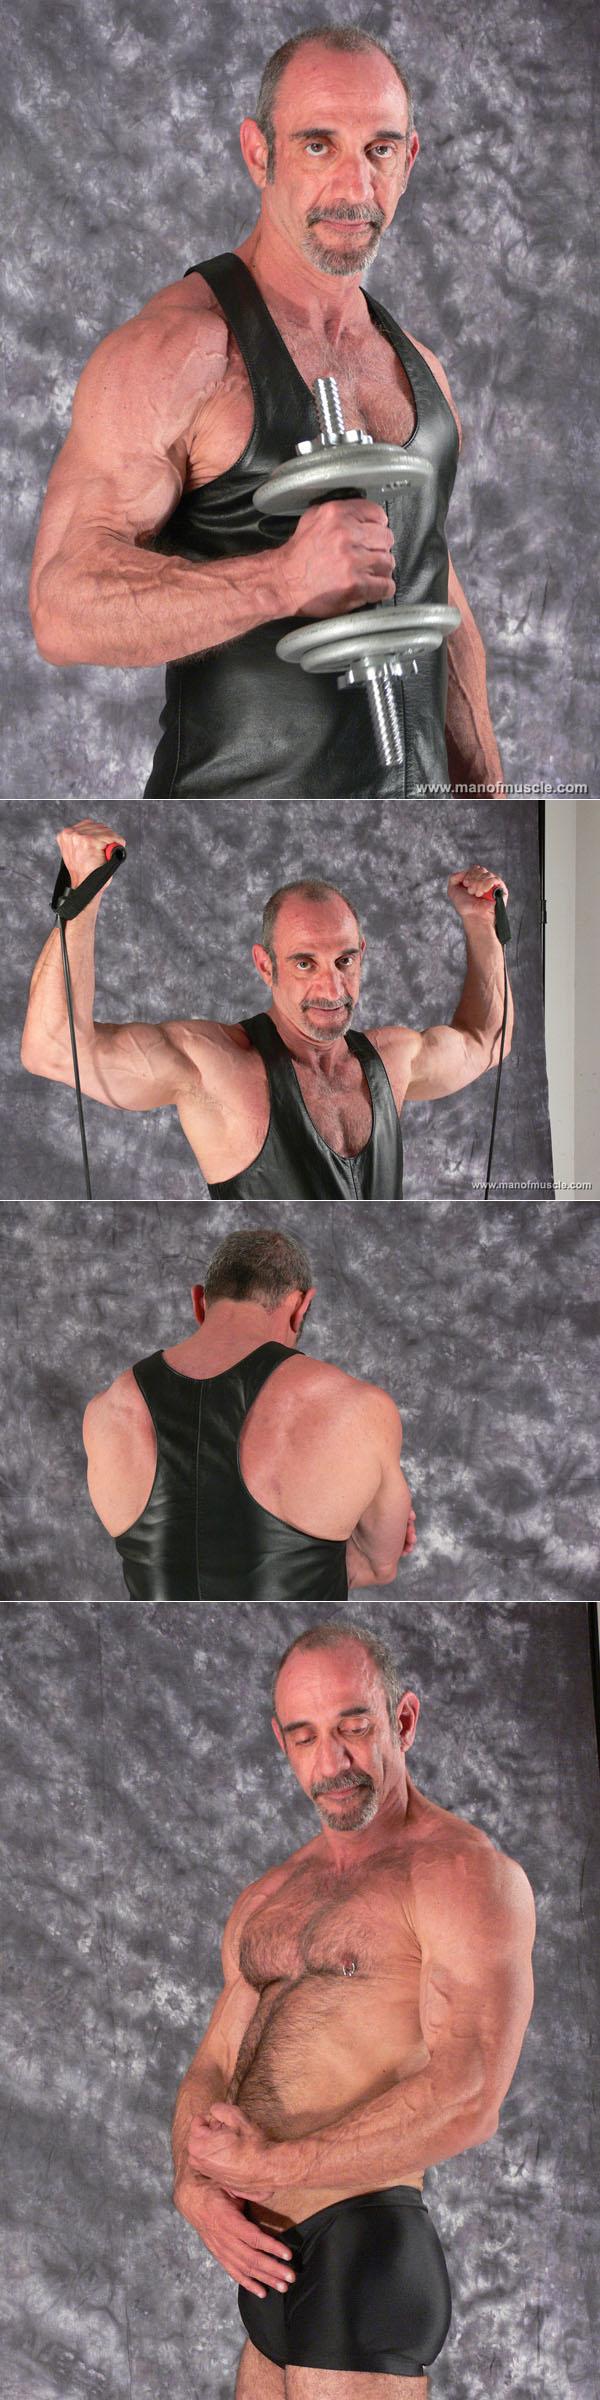 Older bodybuilder and pornstar Anthony DeAngelo